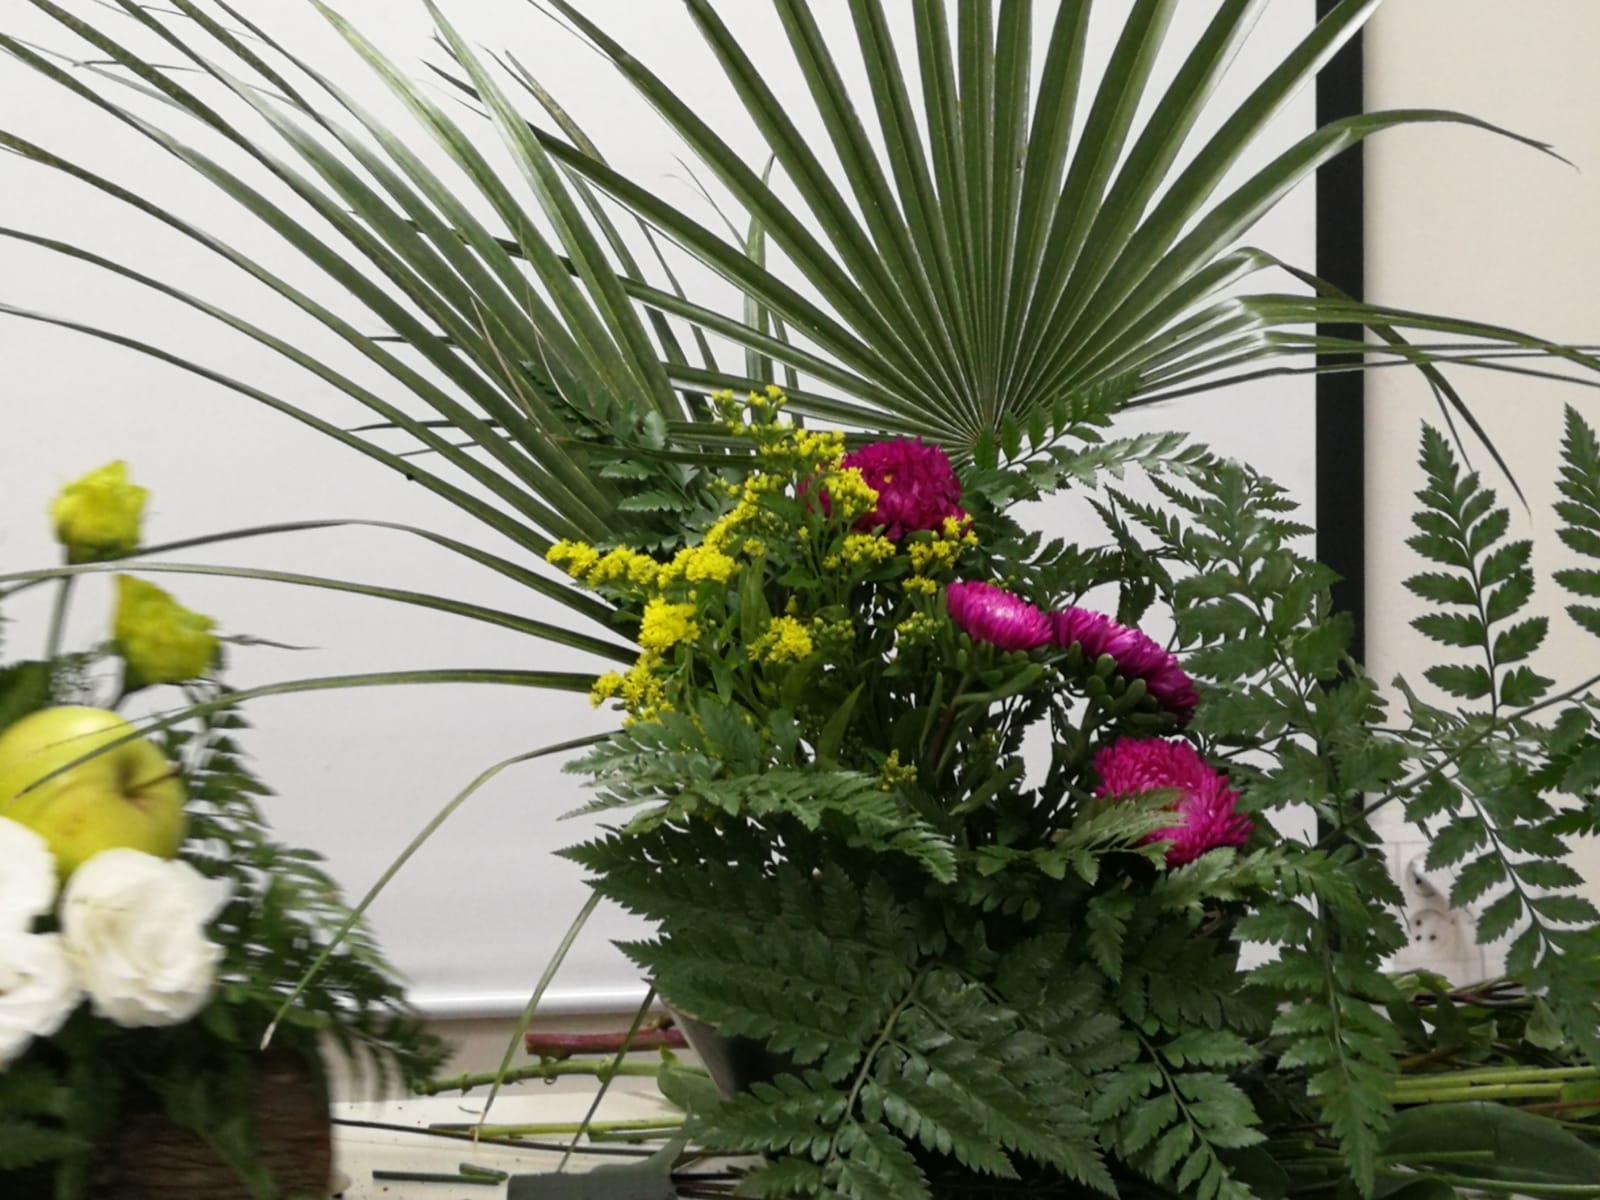 גלרייה - קורס הפקת אירועים מחזור 25 - בשיעור שזירת פרחים , 6 מתוך 7